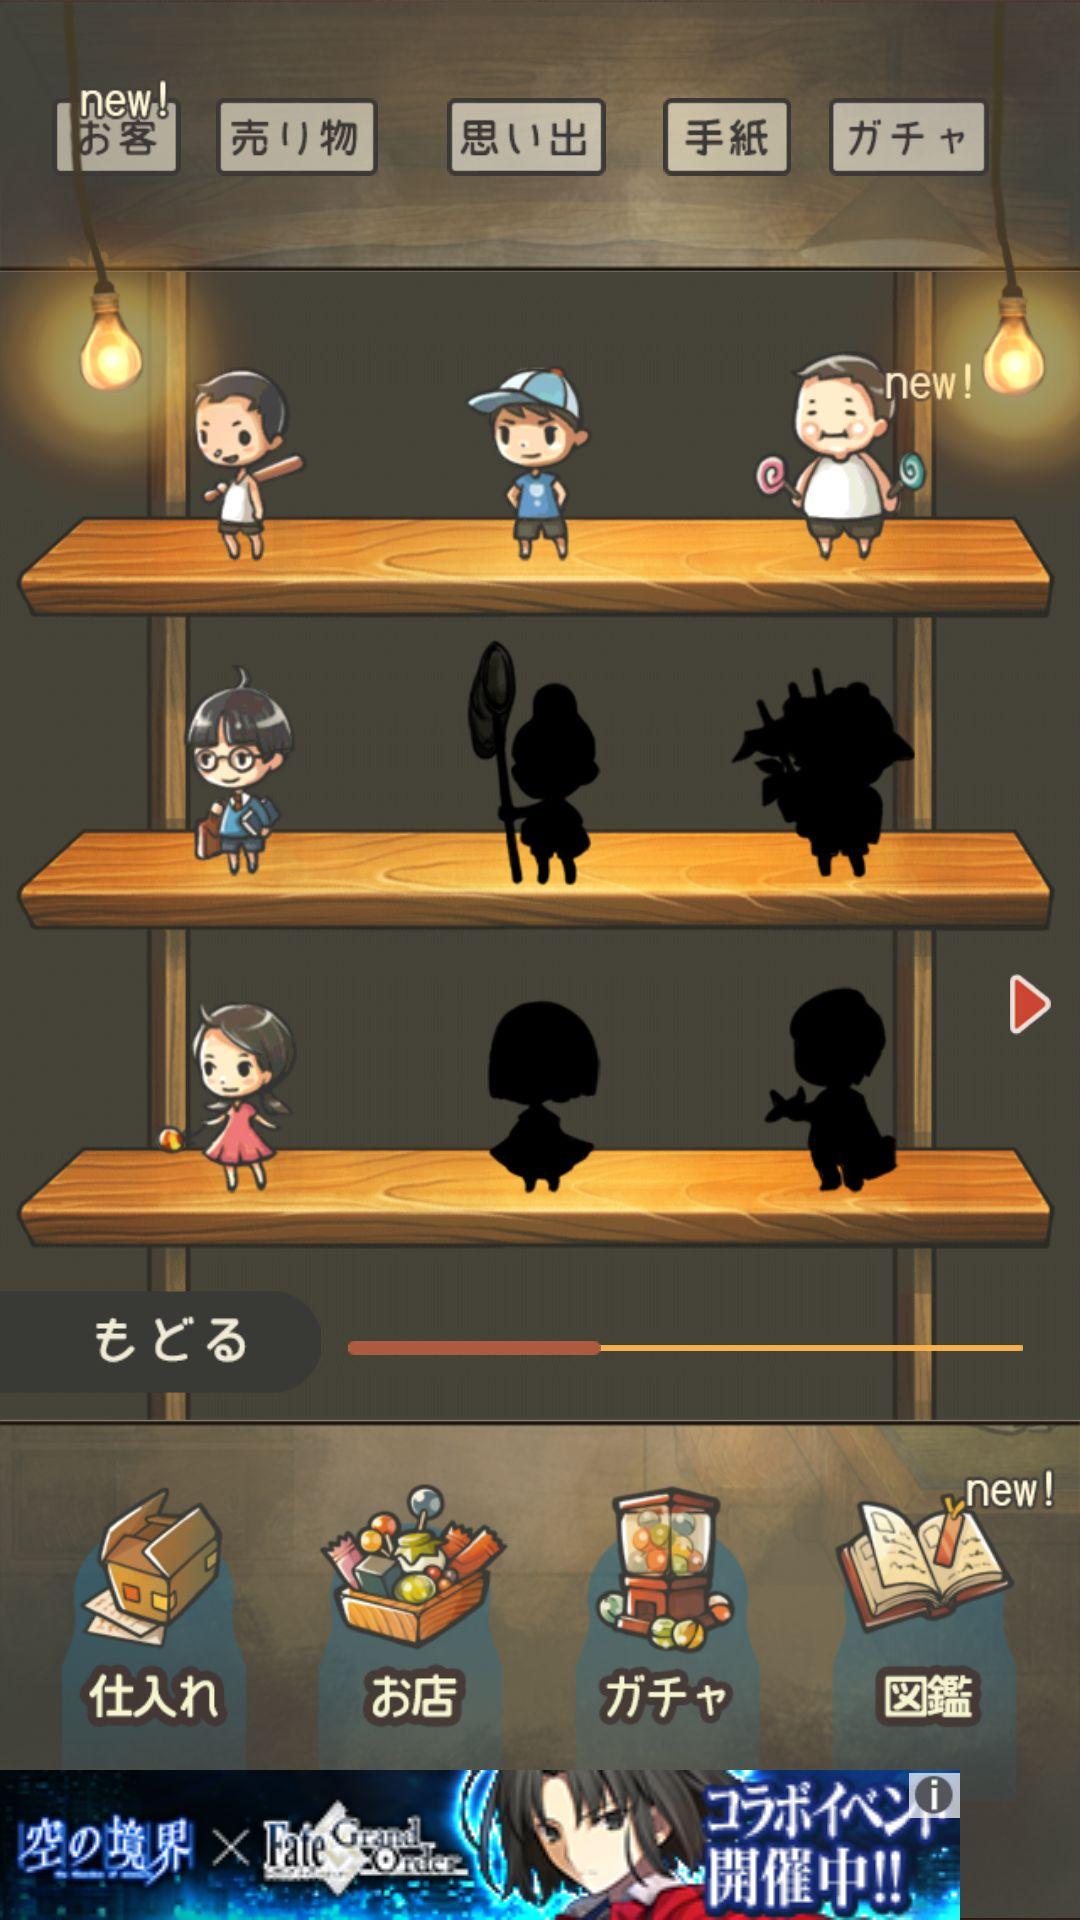 昭和駄菓子屋物語2 androidアプリスクリーンショット2